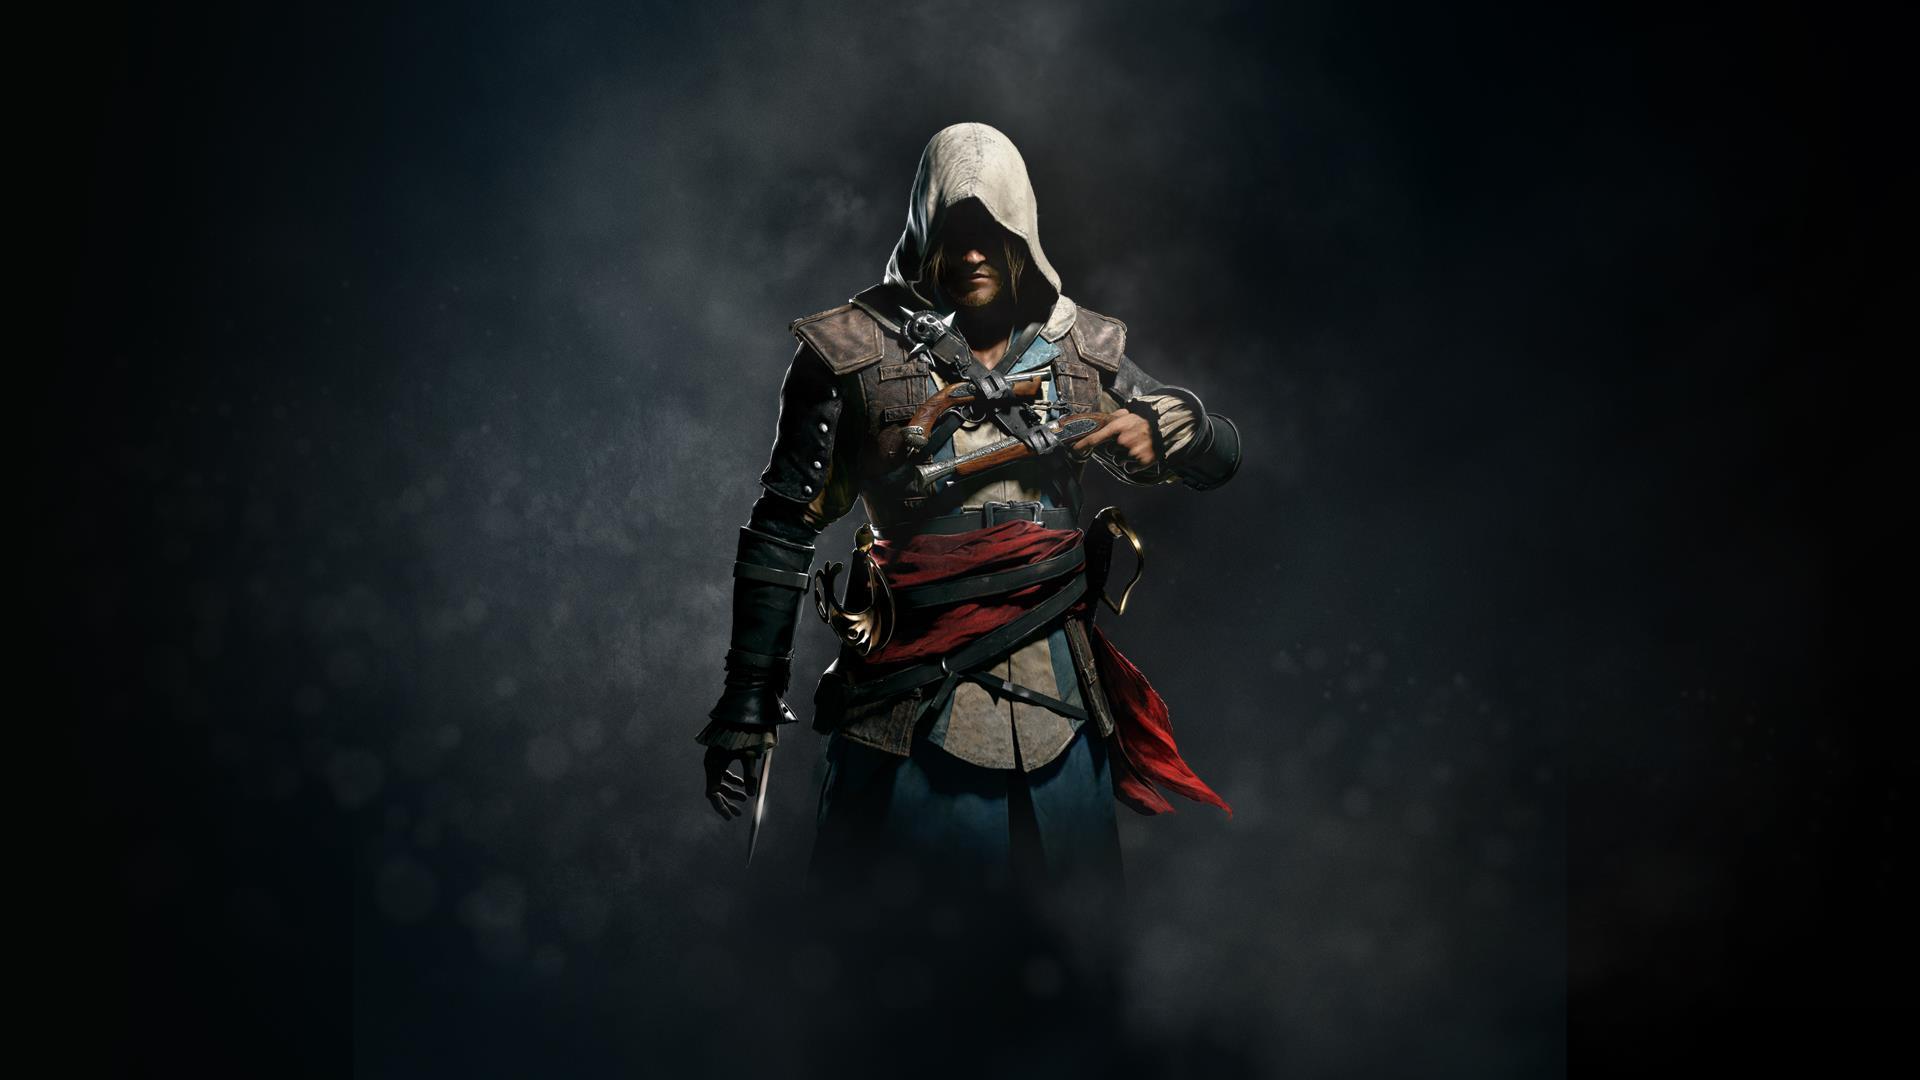 Destroyer in Assassin's Creed IV: Black Flag